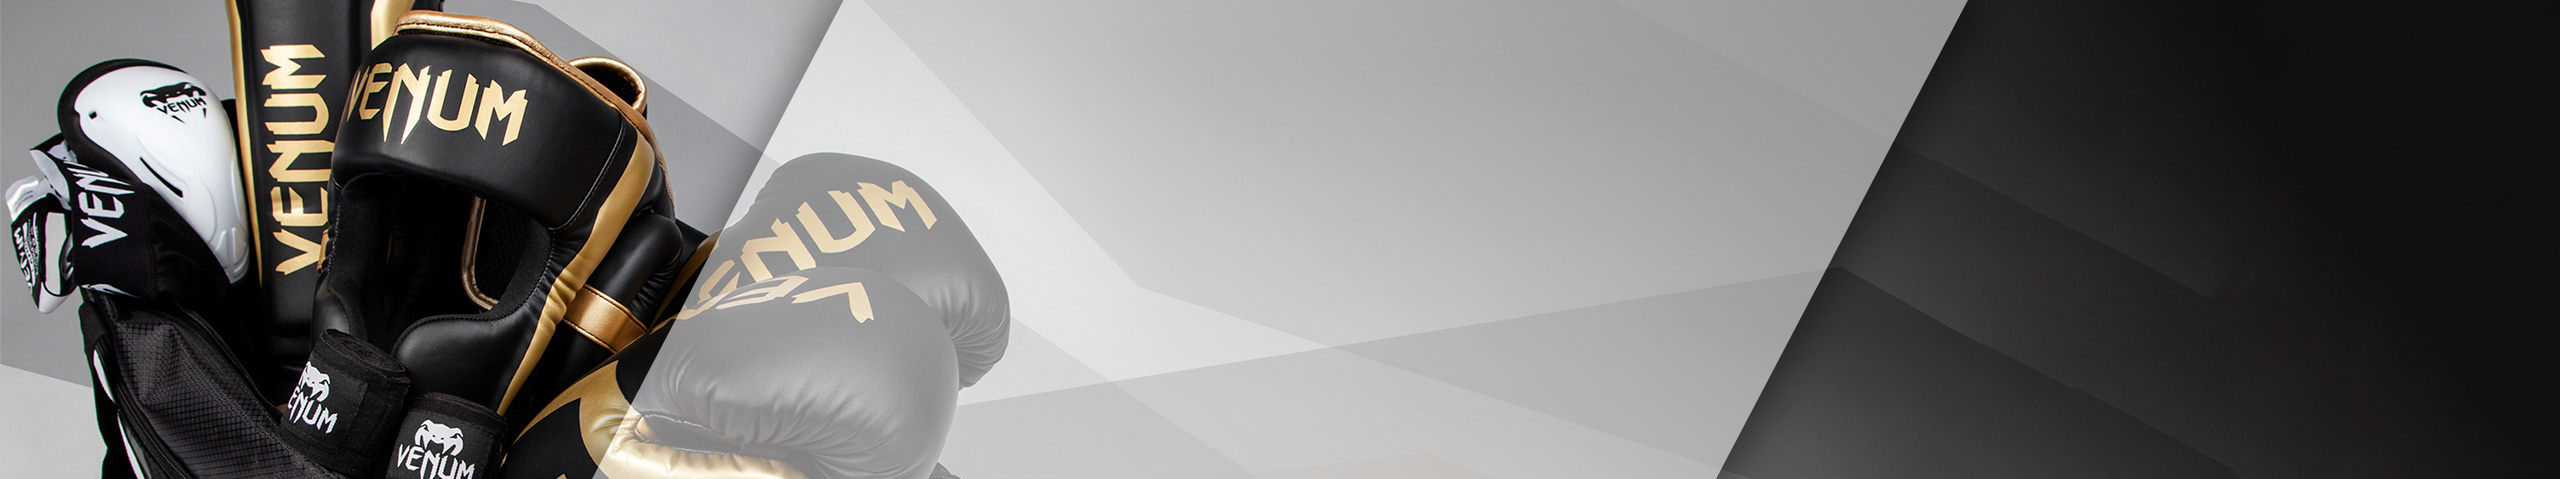 Venum Equipment - Venum.com Europe